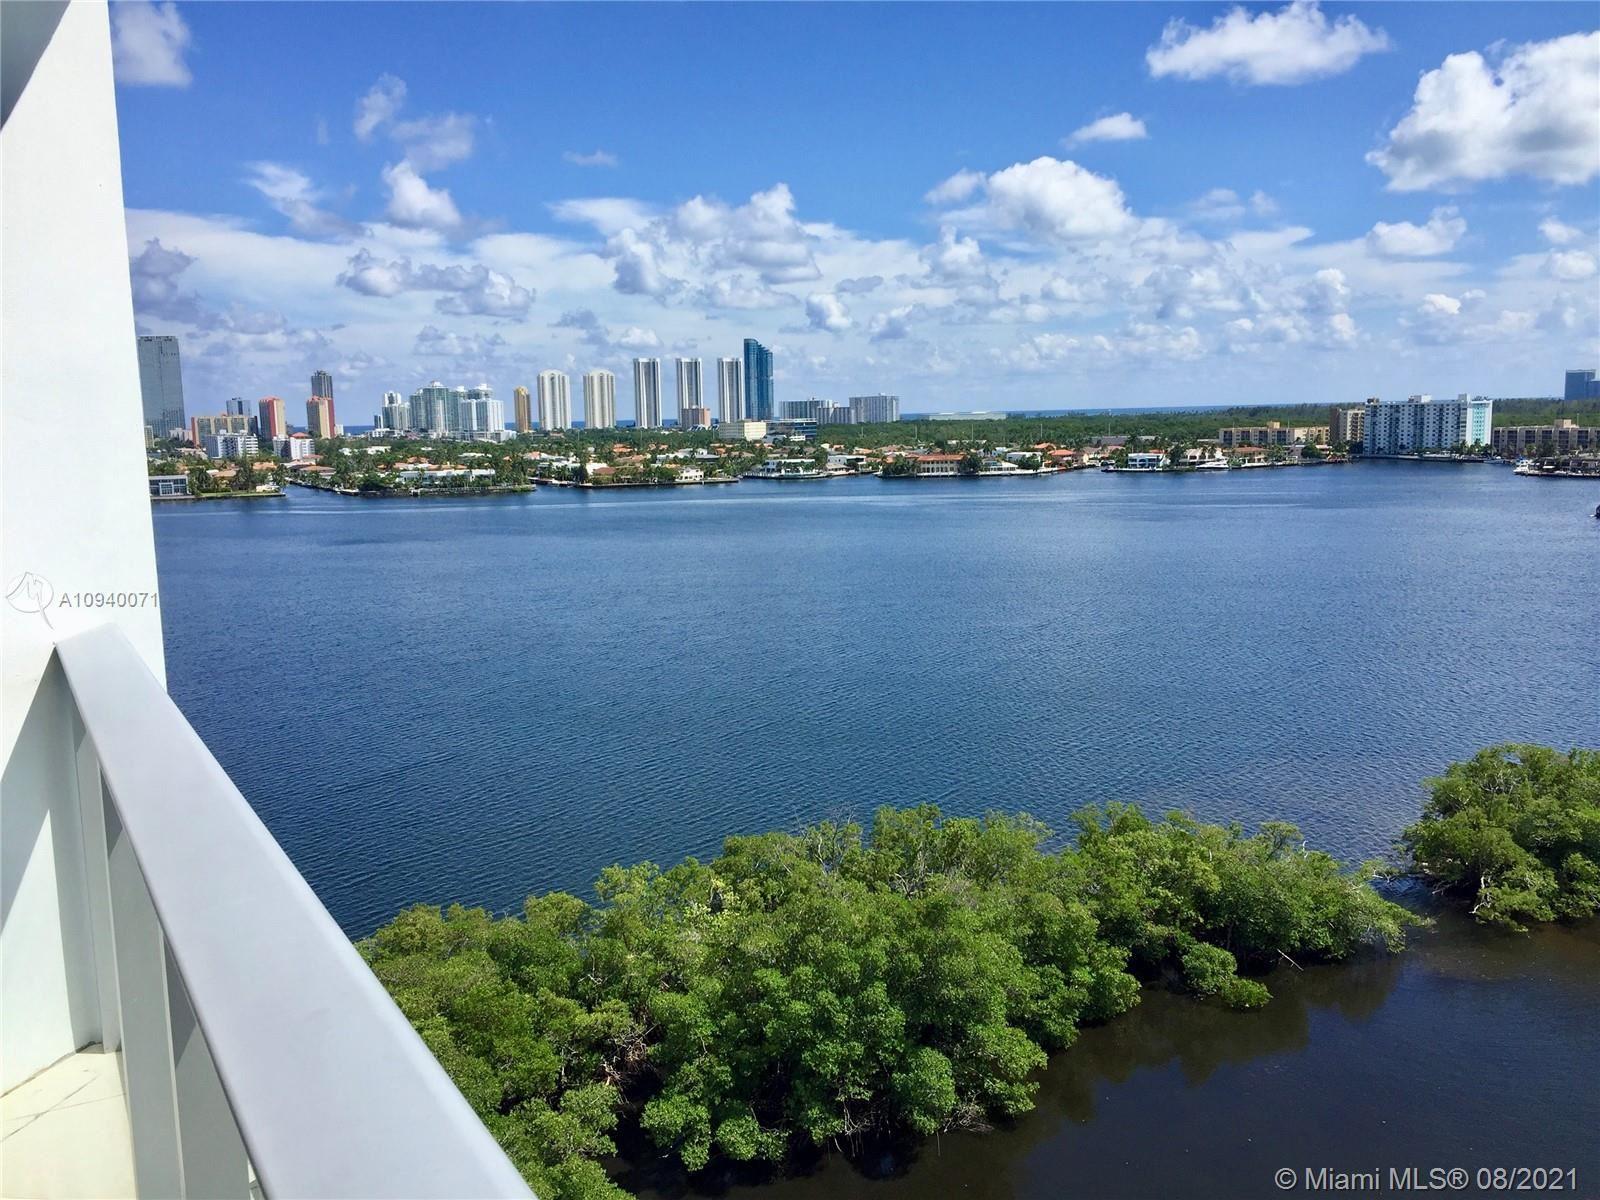 17111 Biscayne Blvd #1206, North Miami Beach, FL 33160 - #: A10940071